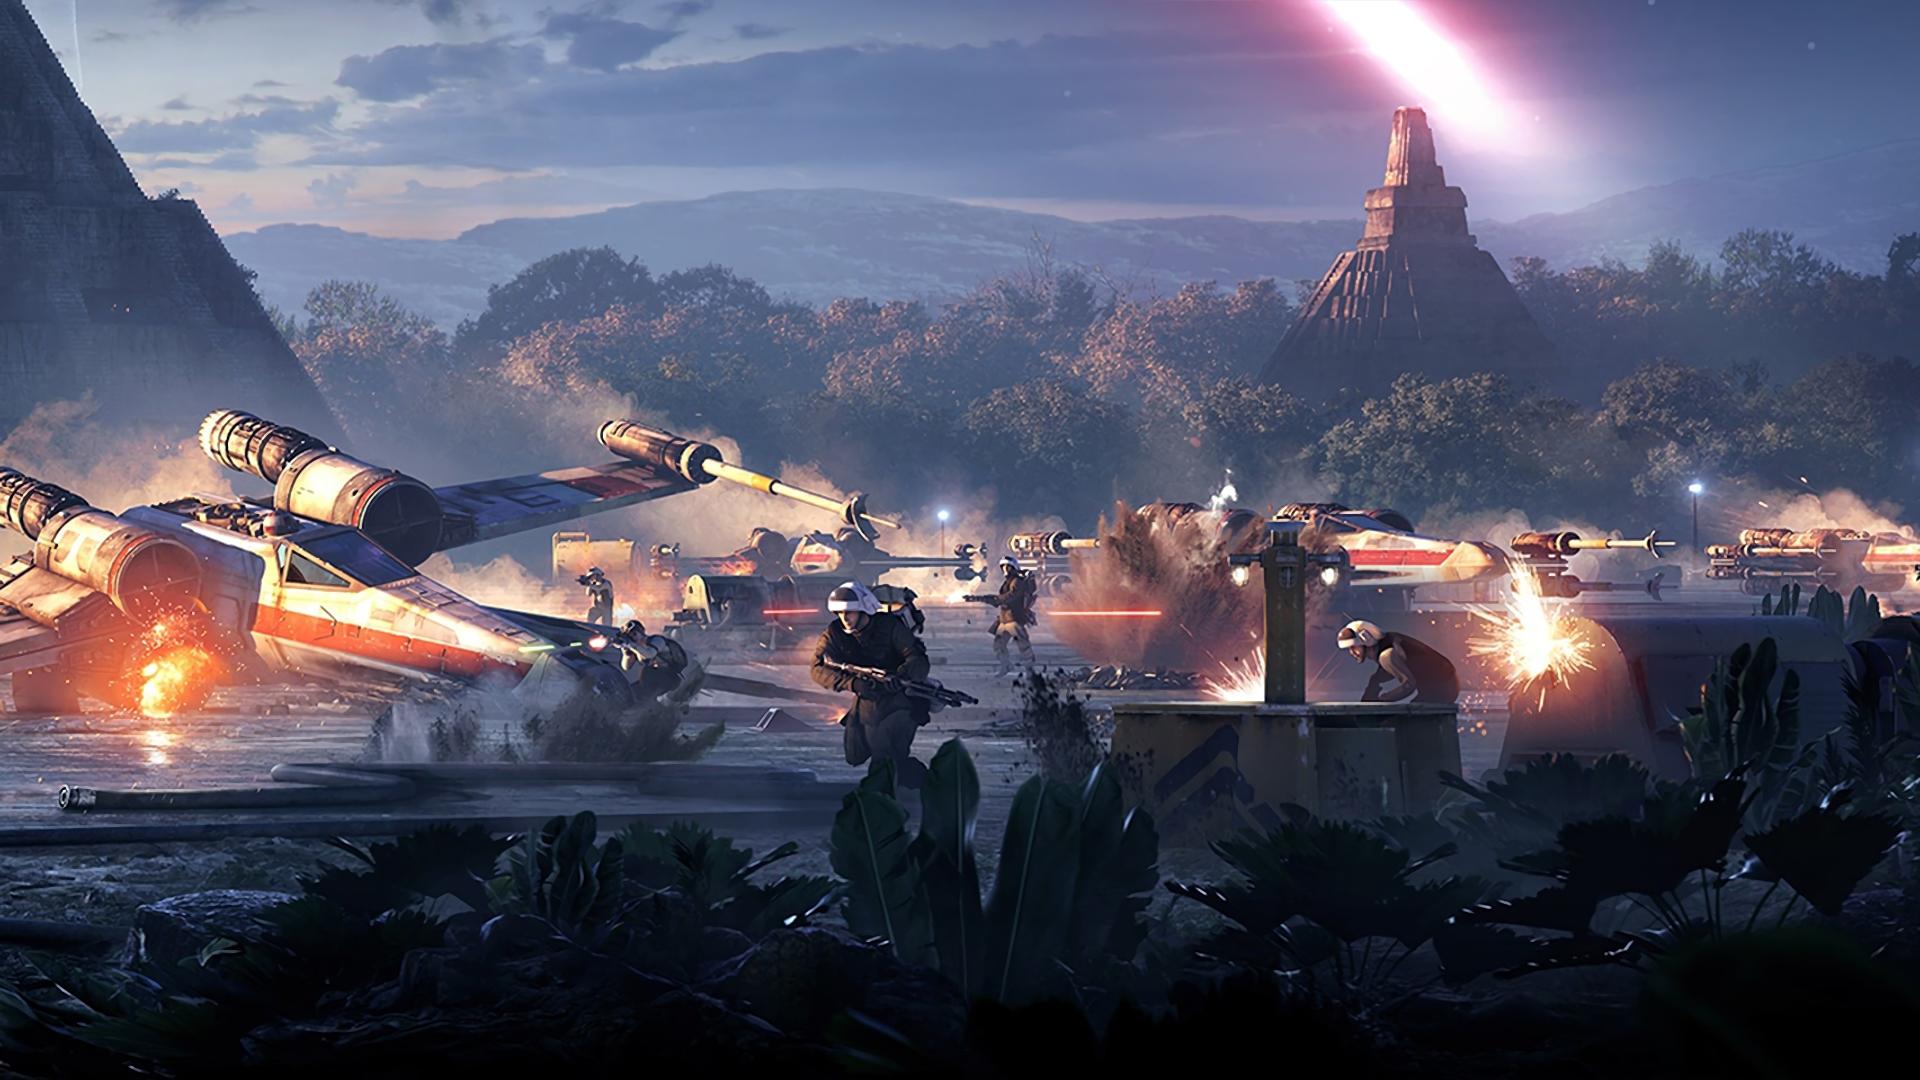 Wallpaper Star Wars Battlefront Ii Star Wars Video Games X Wing Rebel Alliance Battle Yavin 4 1920x1080 Dragon 1477485 Hd Wallpapers Wallhere